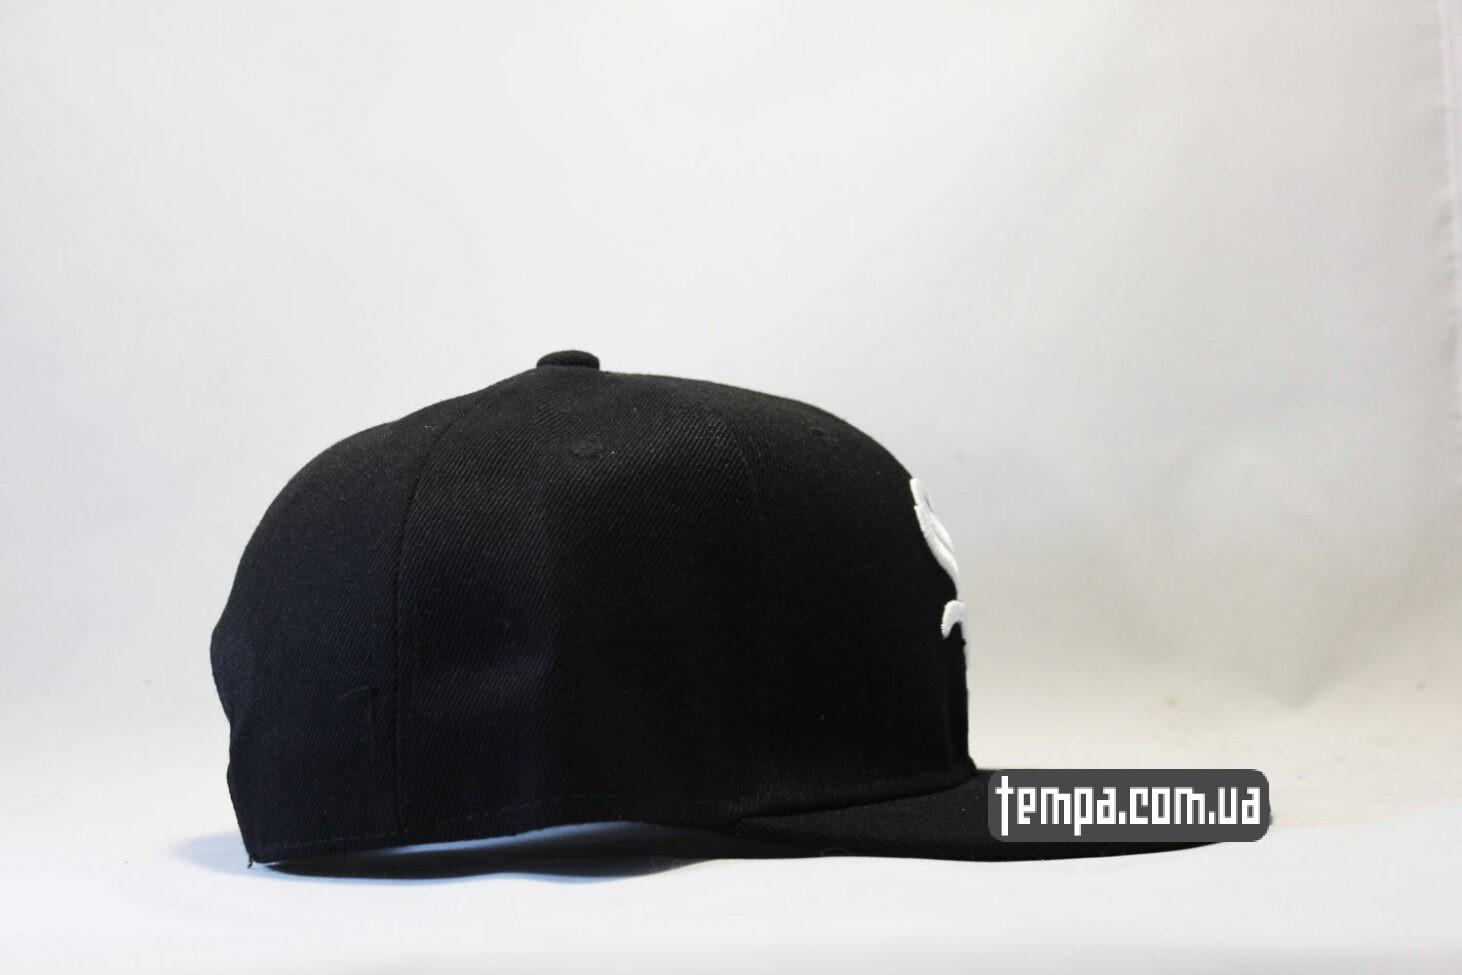 кепка snapback SOX new era 9fifty black черная купить украина